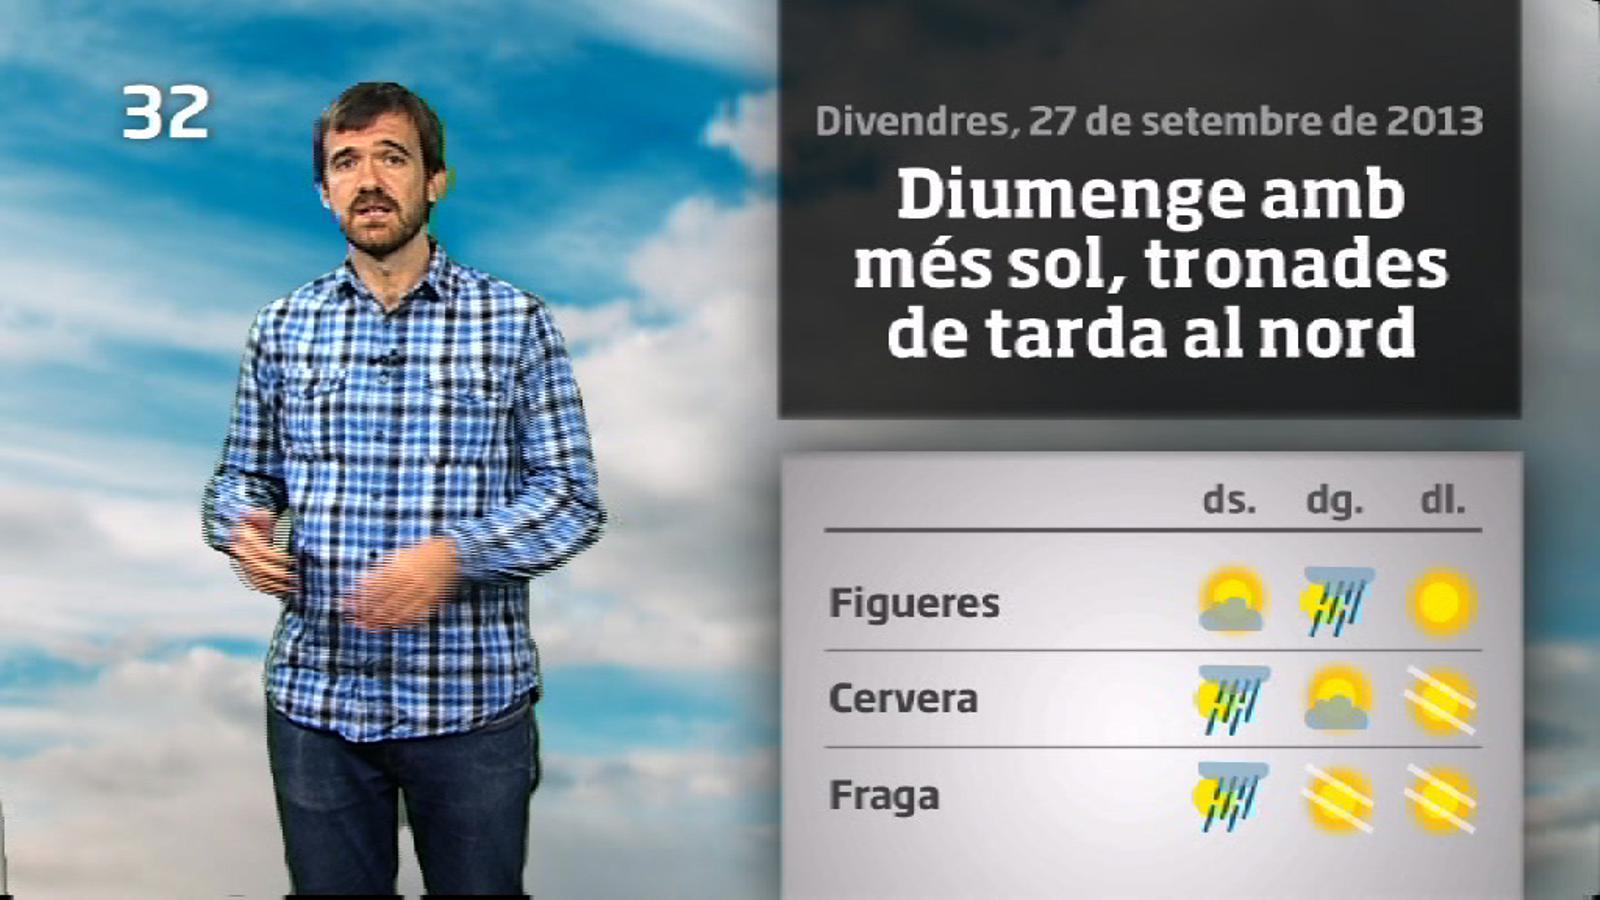 La méteo en 1 minut: xàfecs sobtats i temps variable per començar el cap de setmana (28/09/2013)